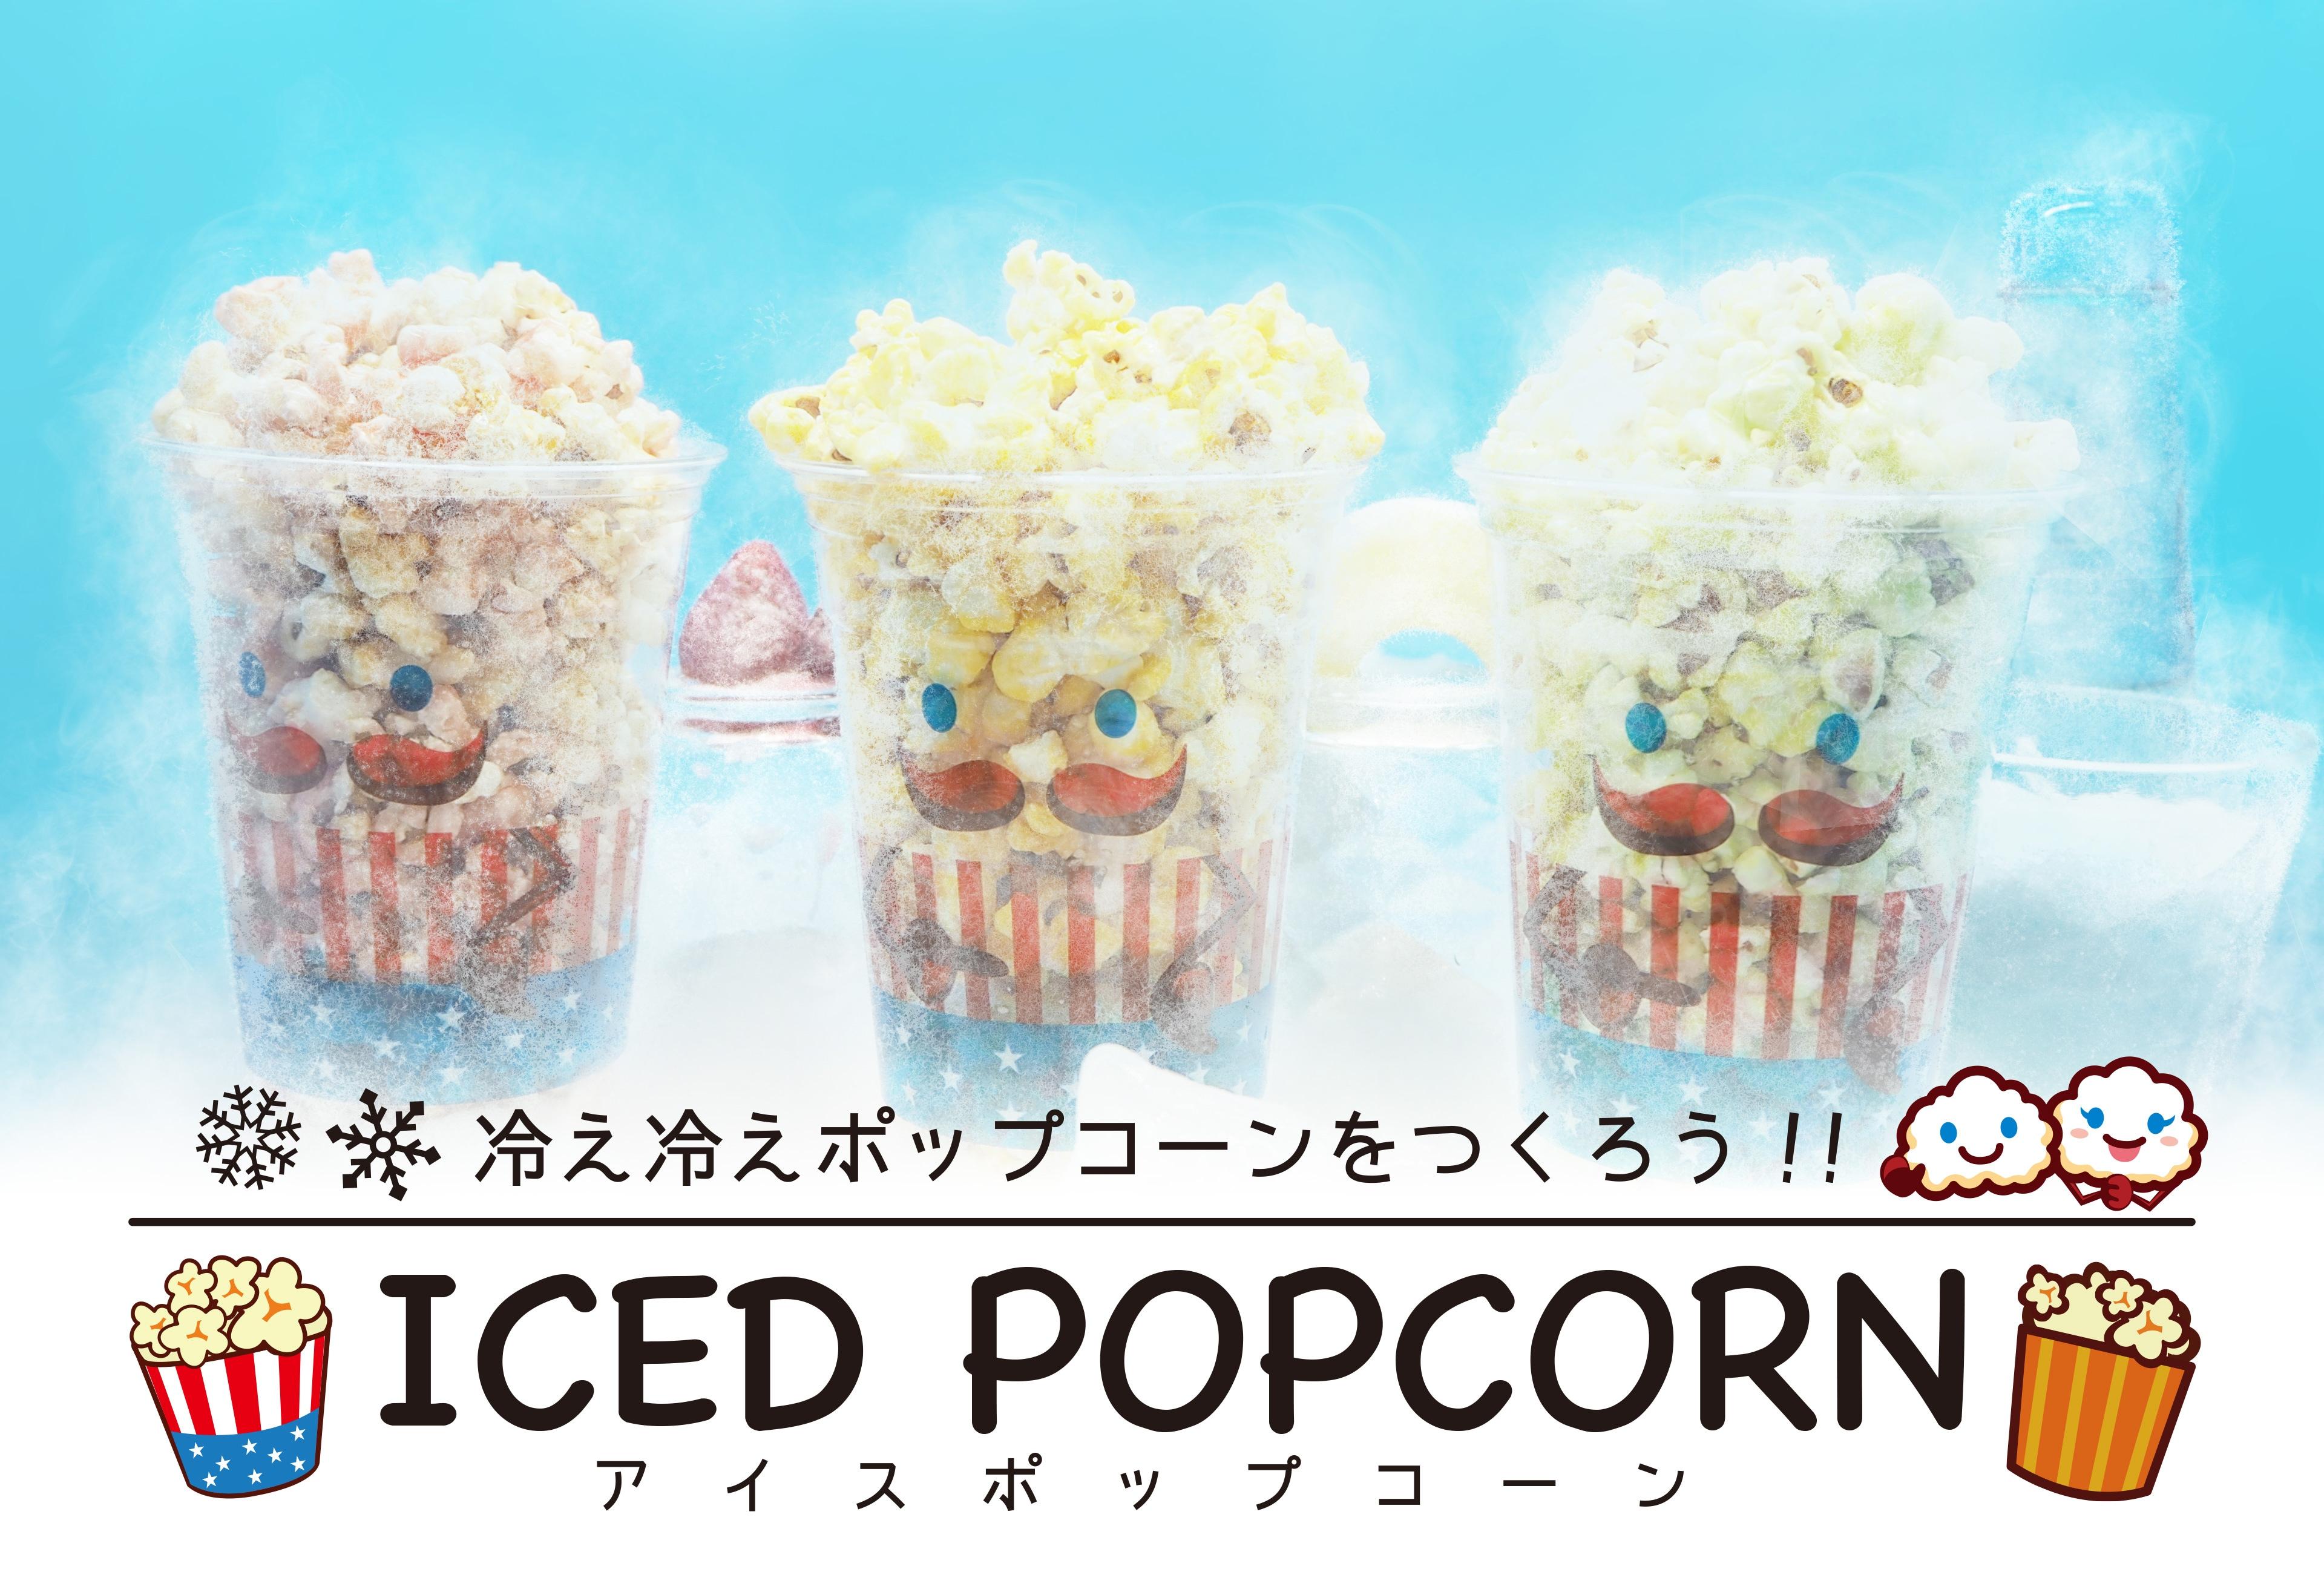 """冷え冷えポップコーンをつくって、夏を楽しもう!!《新感覚!!》ICED POPCORN -アイスポップコーン-"""""""